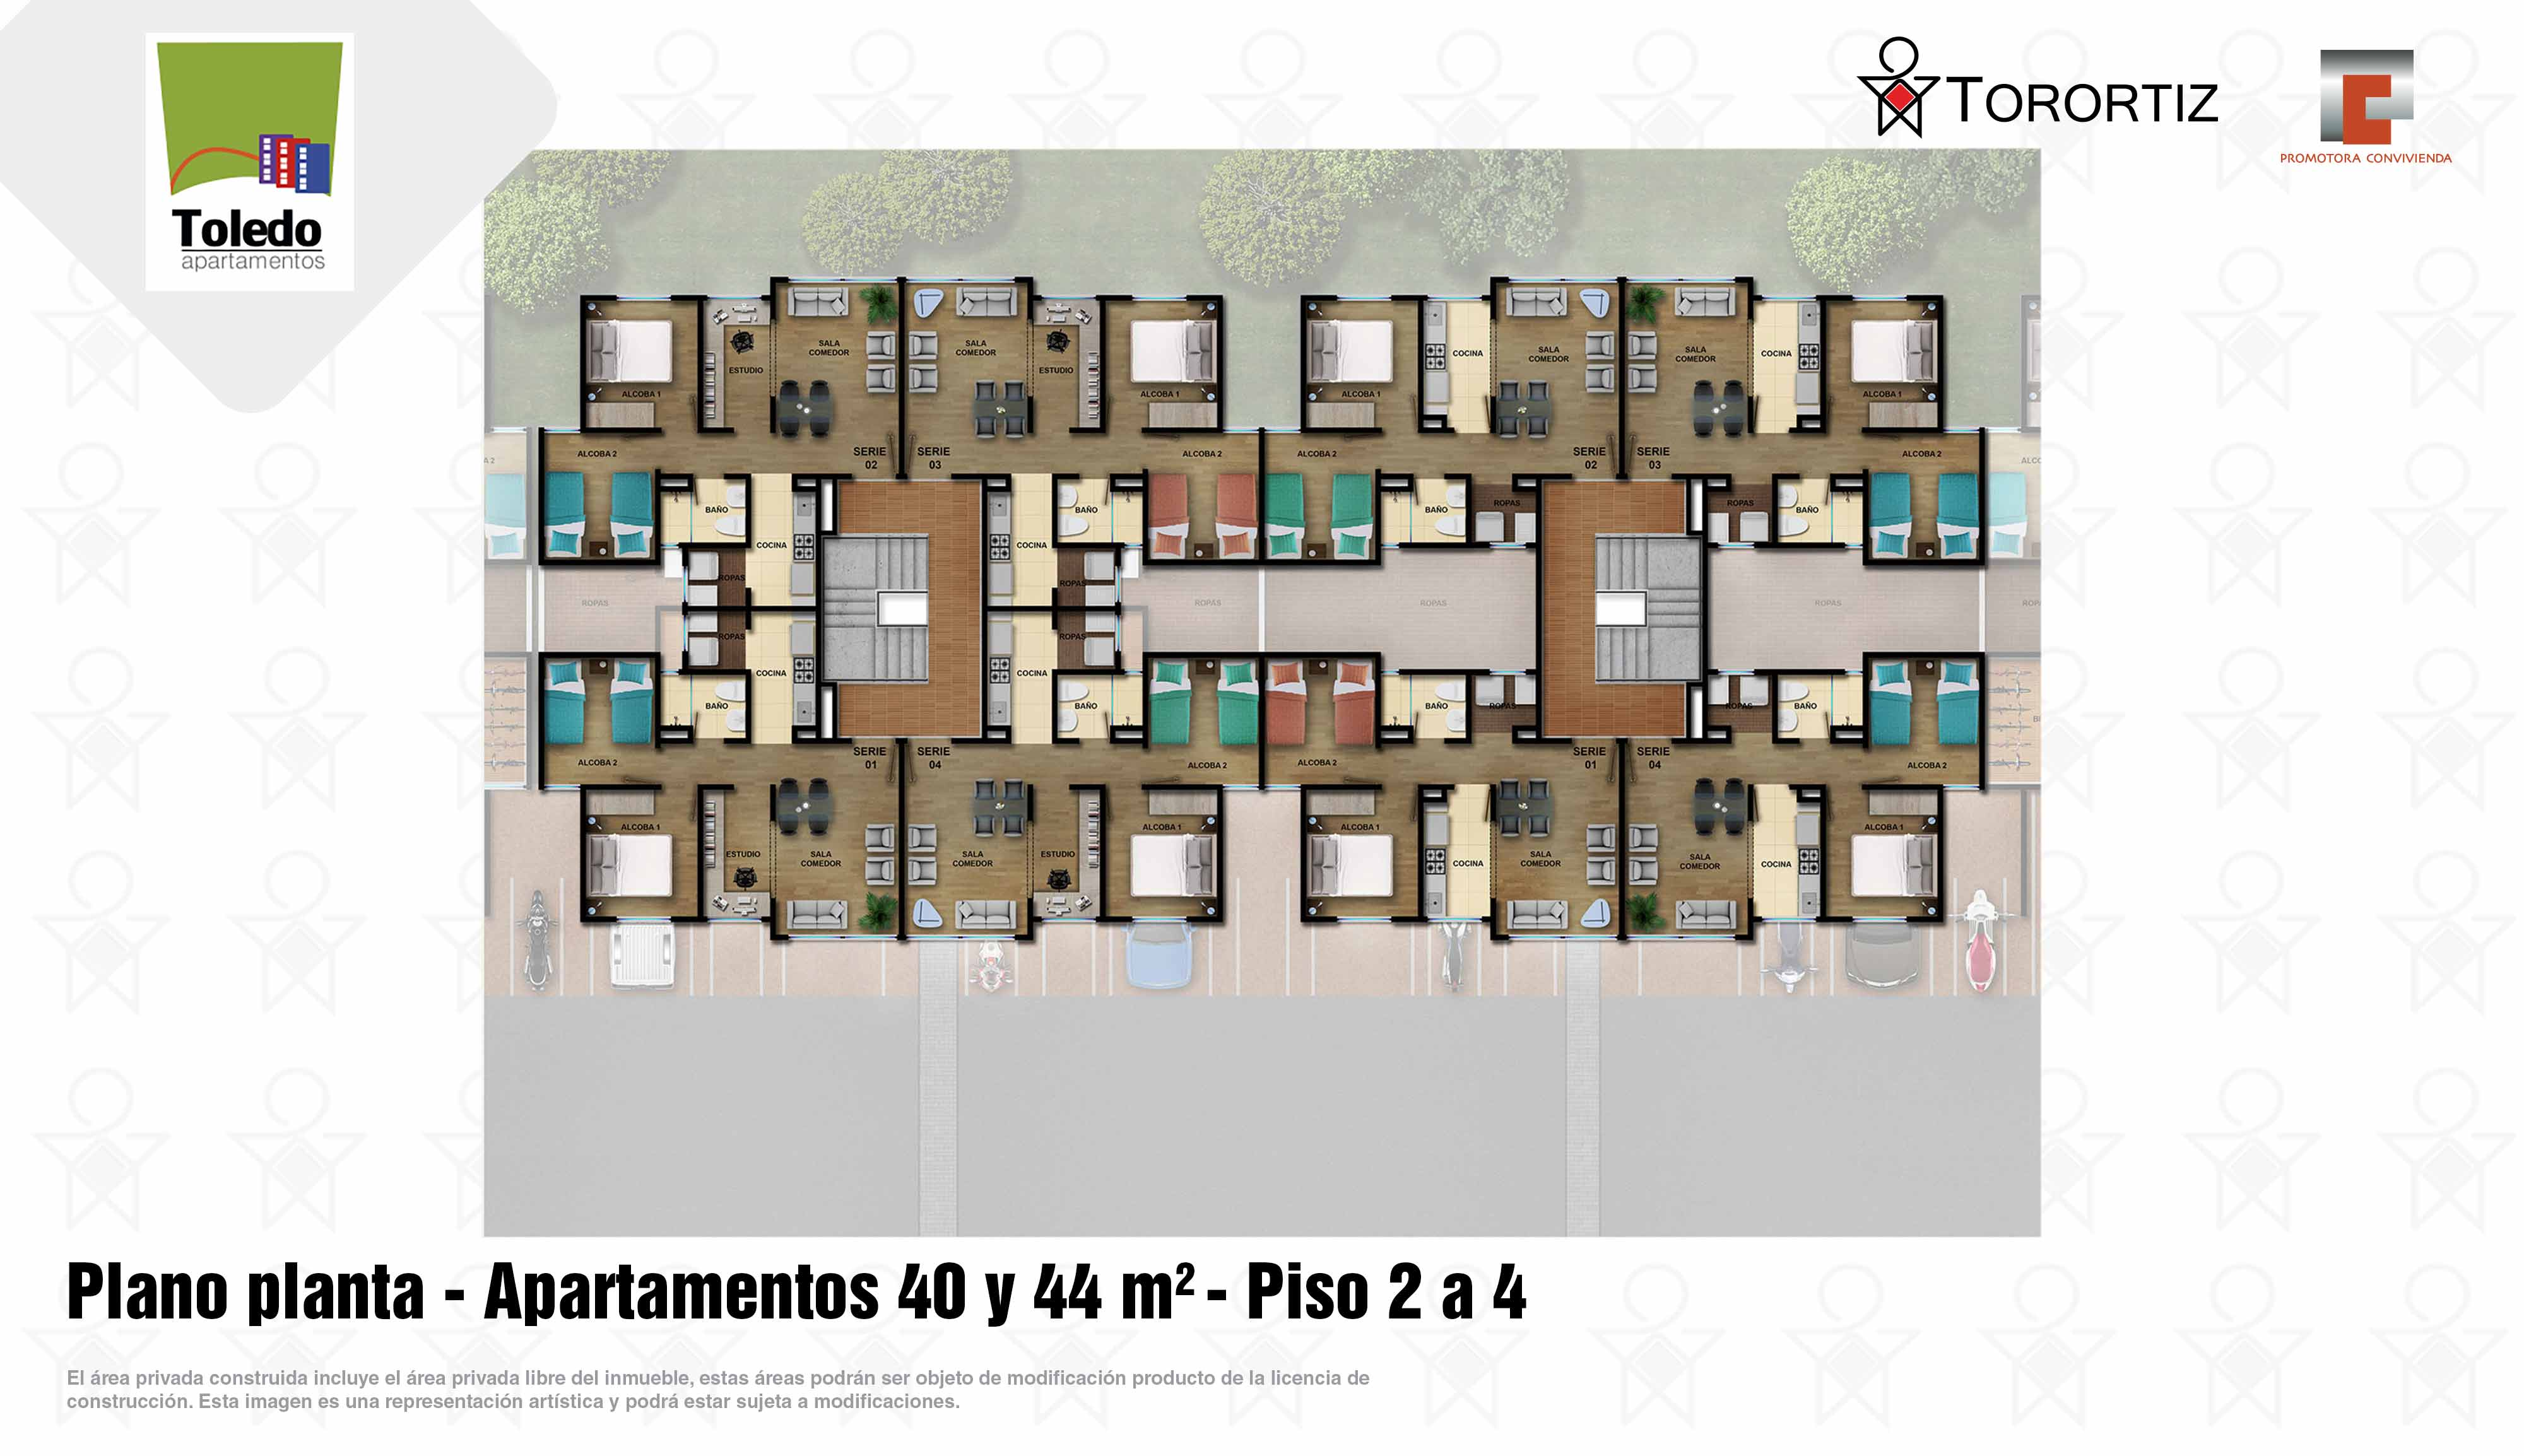 Plano_de_planta_Toledo_Apartamentos_Torortiz_Nuevos_en_venta